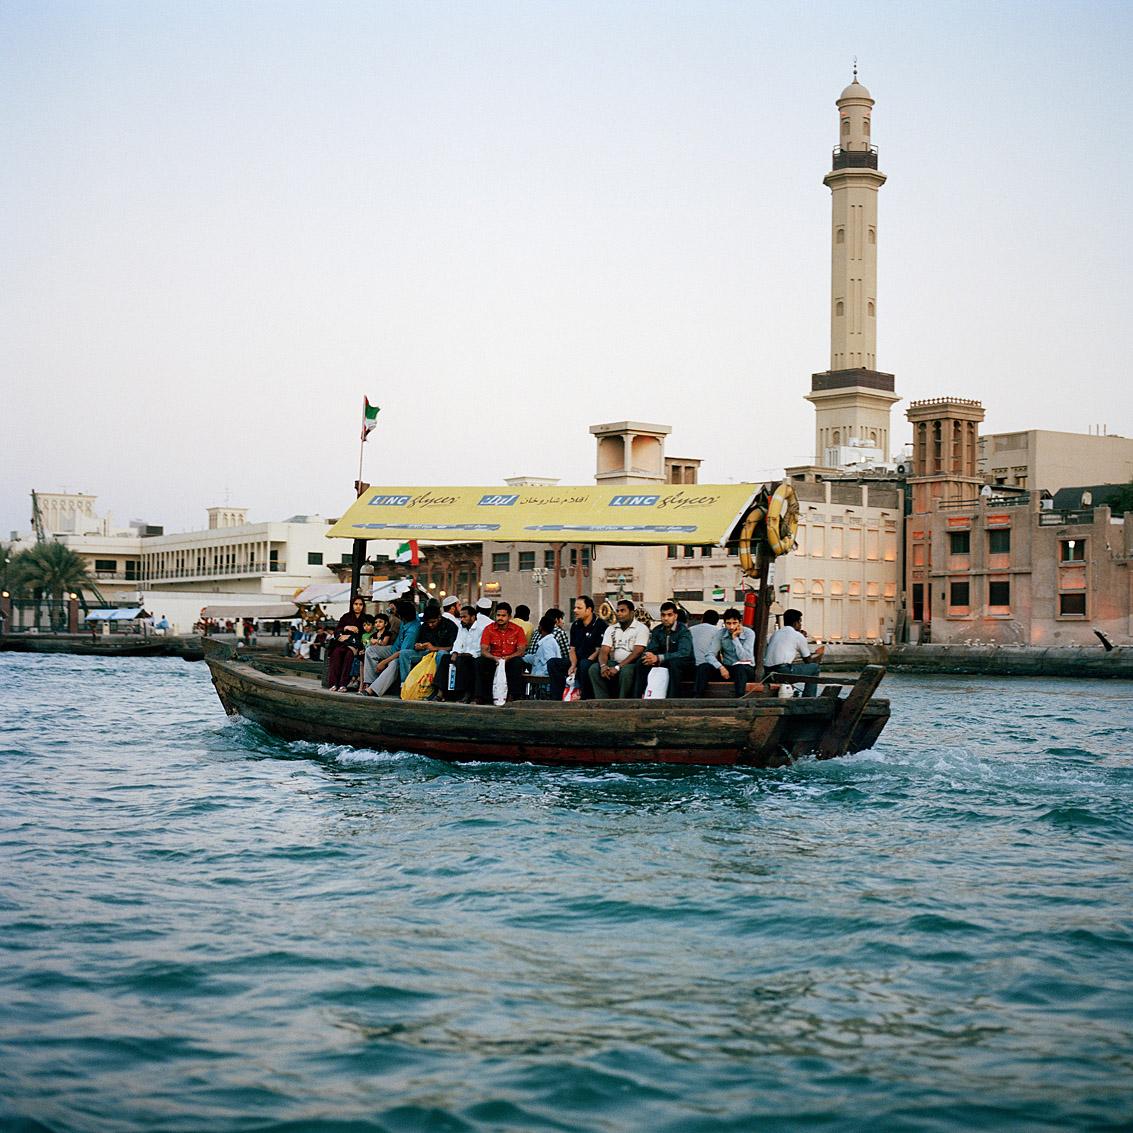 Ces bateaux, Abra, font la liaison entre les deux rives du Creek, ils sont le moyen de transport de nombreux travailleurs; Dubaï.